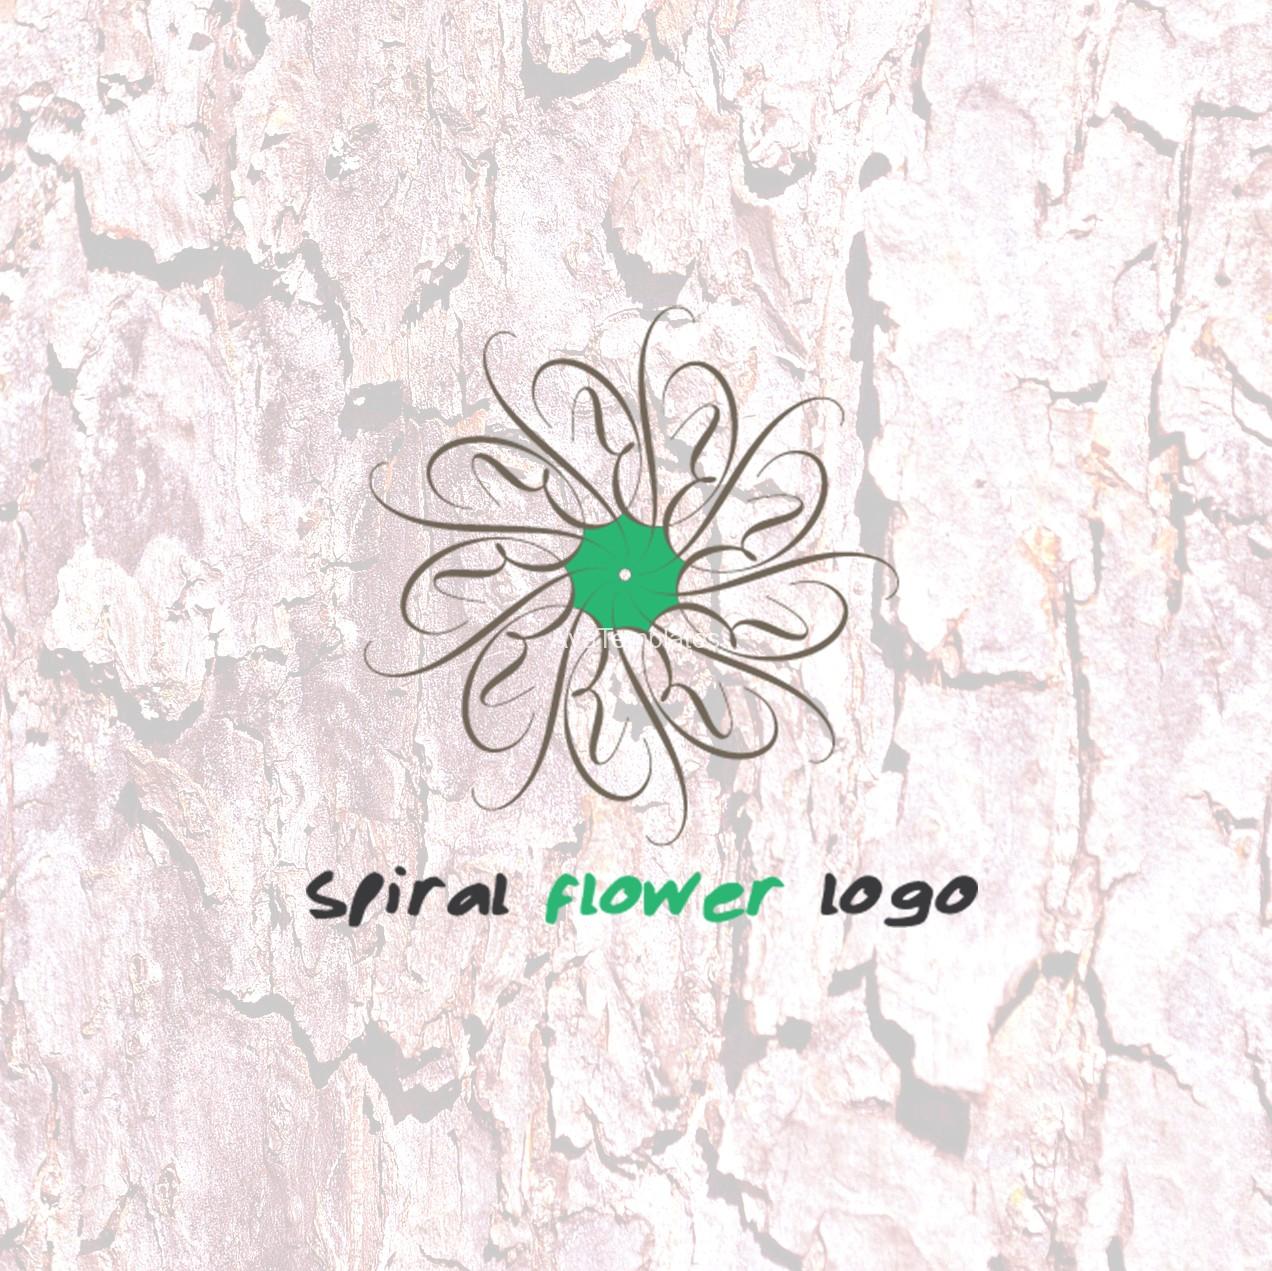 Spiral-flower-logo